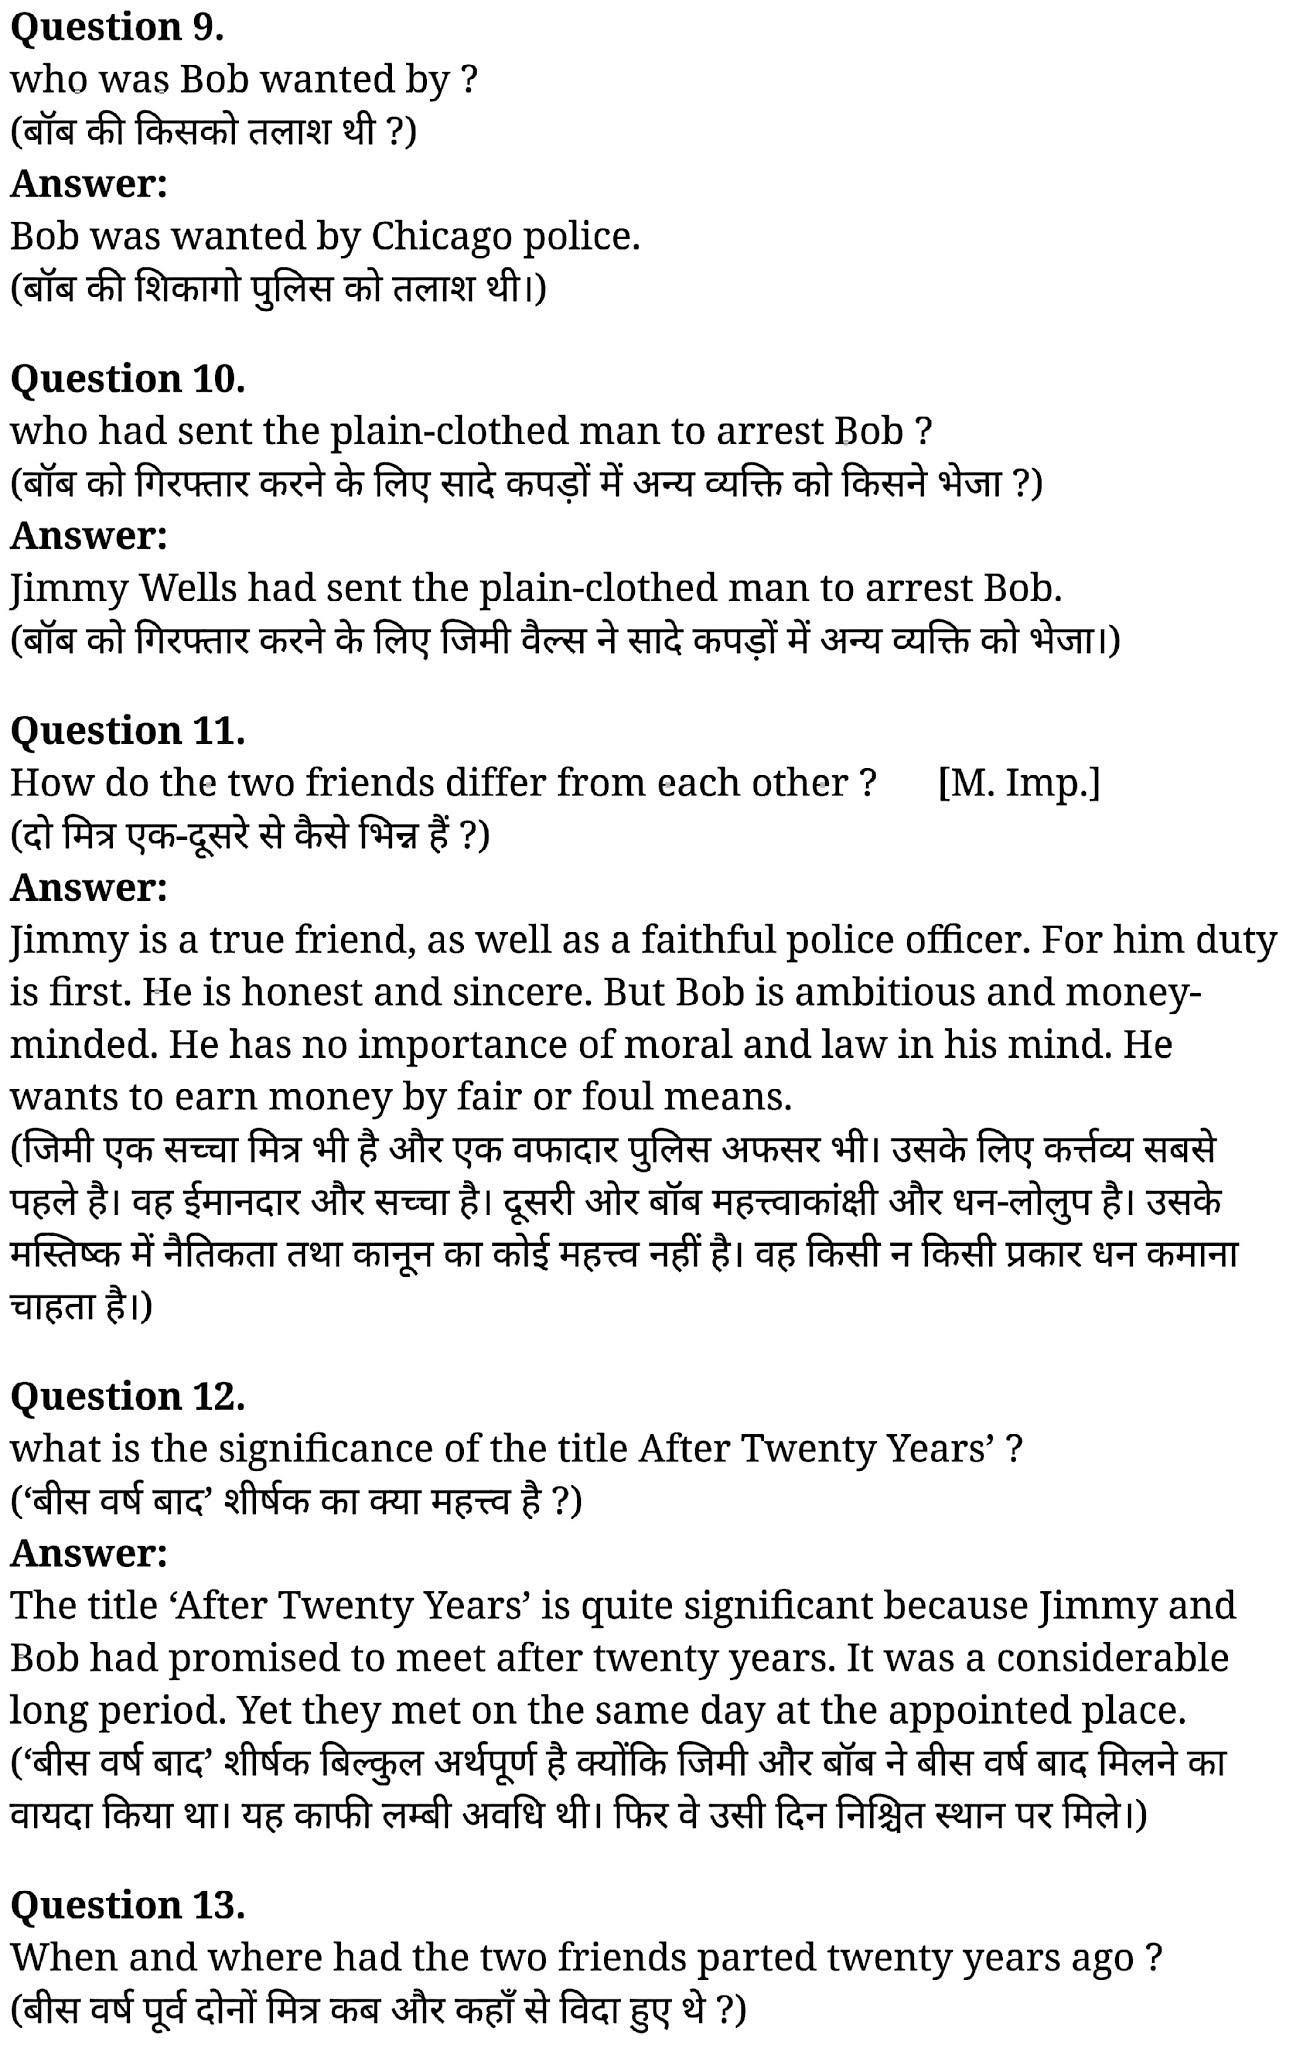 कक्षा 11 अंग्रेज़ी Short Stories अध्याय 2  के नोट्स हिंदी में एनसीईआरटी समाधान,   class 11 english Short Stories chapter 1,  class 11 english Short Stories chapter 2 ncert solutions in hindi,  class 11 english Short Stories chapter 2 notes in hindi,  class 11 english Short Stories chapter 2 question answer,  class 11 english Short Stories chapter 2 notes,  11   class Short Stories chapter 2 Short Stories chapter 2 in hindi,  class 11 english Short Stories chapter 2 in hindi,  class 11 english Short Stories chapter 2 important questions in hindi,  class 11 english  chapter 2 notes in hindi,  class 11 english Short Stories chapter 2 test,  class 11 english  chapter 1Short Stories chapter 2 pdf,  class 11 english Short Stories chapter 2 notes pdf,  class 11 english Short Stories chapter 2 exercise solutions,  class 11 english Short Stories chapter 1, class 11 english Short Stories chapter 2 notes study rankers,  class 11 english Short Stories chapter 2 notes,  class 11 english  chapter 2 notes,   Short Stories chapter 2  class 11  notes pdf,  Short Stories chapter 2 class 11  notes 2021 ncert,   Short Stories chapter 2 class 11 pdf,    Short Stories chapter 2  book,     Short Stories chapter 2 quiz class 11  ,       11  th Short Stories chapter 2    book up board,       up board 11  th Short Stories chapter 2 notes,  कक्षा 11 अंग्रेज़ी Short Stories अध्याय 2 , कक्षा 11 अंग्रेज़ी का Short Stories अध्याय 2  ncert solution in hindi, कक्षा 11 अंग्रेज़ी के Short Stories अध्याय 2  के नोट्स हिंदी में, कक्षा 11 का अंग्रेज़ीShort Stories अध्याय 2 का प्रश्न उत्तर, कक्षा 11 अंग्रेज़ी Short Stories अध्याय 2 के नोट्स, 11 कक्षा अंग्रेज़ी Short Stories अध्याय 2   हिंदी में,कक्षा 11 अंग्रेज़ी Short Stories अध्याय 2  हिंदी में, कक्षा 11 अंग्रेज़ी Short Stories अध्याय 2  महत्वपूर्ण प्रश्न हिंदी में,कक्षा 11 के अंग्रेज़ी के नोट्स हिंदी में,अंग्रेज़ी कक्षा 11 नोट्स pdf,  अंग्रेज़ी  कक्षा 11 नोट्स 2021 ncert,  अंग्रेज़ी  कक्षा 11 pdf,  अंग्रेज़ी  पुस्तक,  अंग्रेज़ी की बुक,  अंग्रेज़ी  प्रश